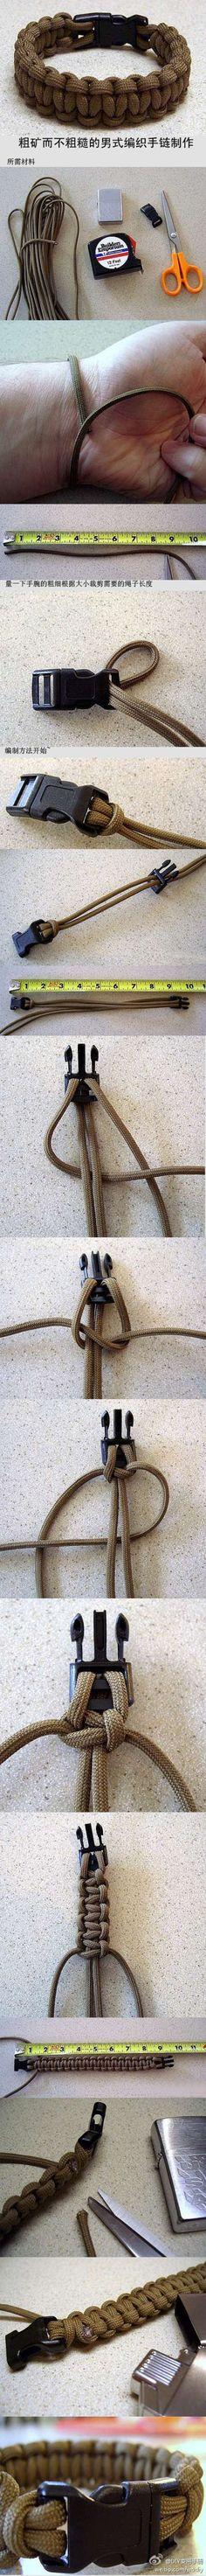 粗犷而不粗糙的男式编织手链制作教程~(图源自花瓣网)